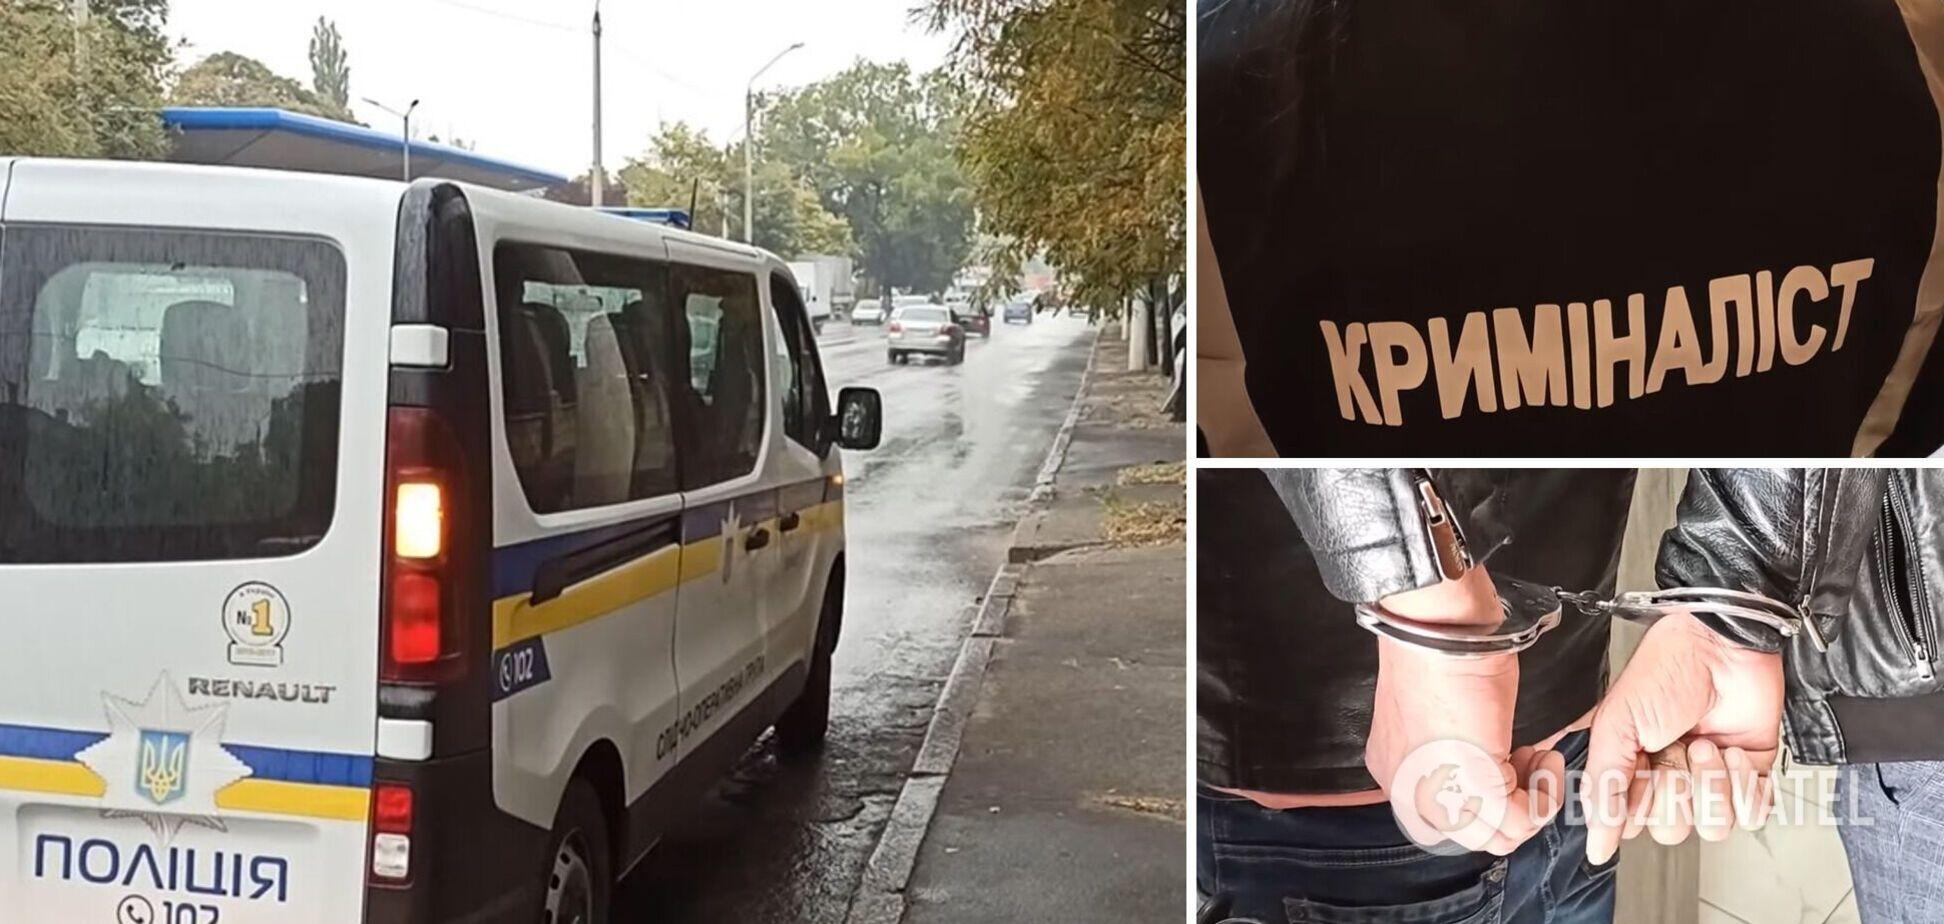 В Одессе иностранец ранил ножом бывшую и ее коллегу: пострадавших госпитализировали. Видео